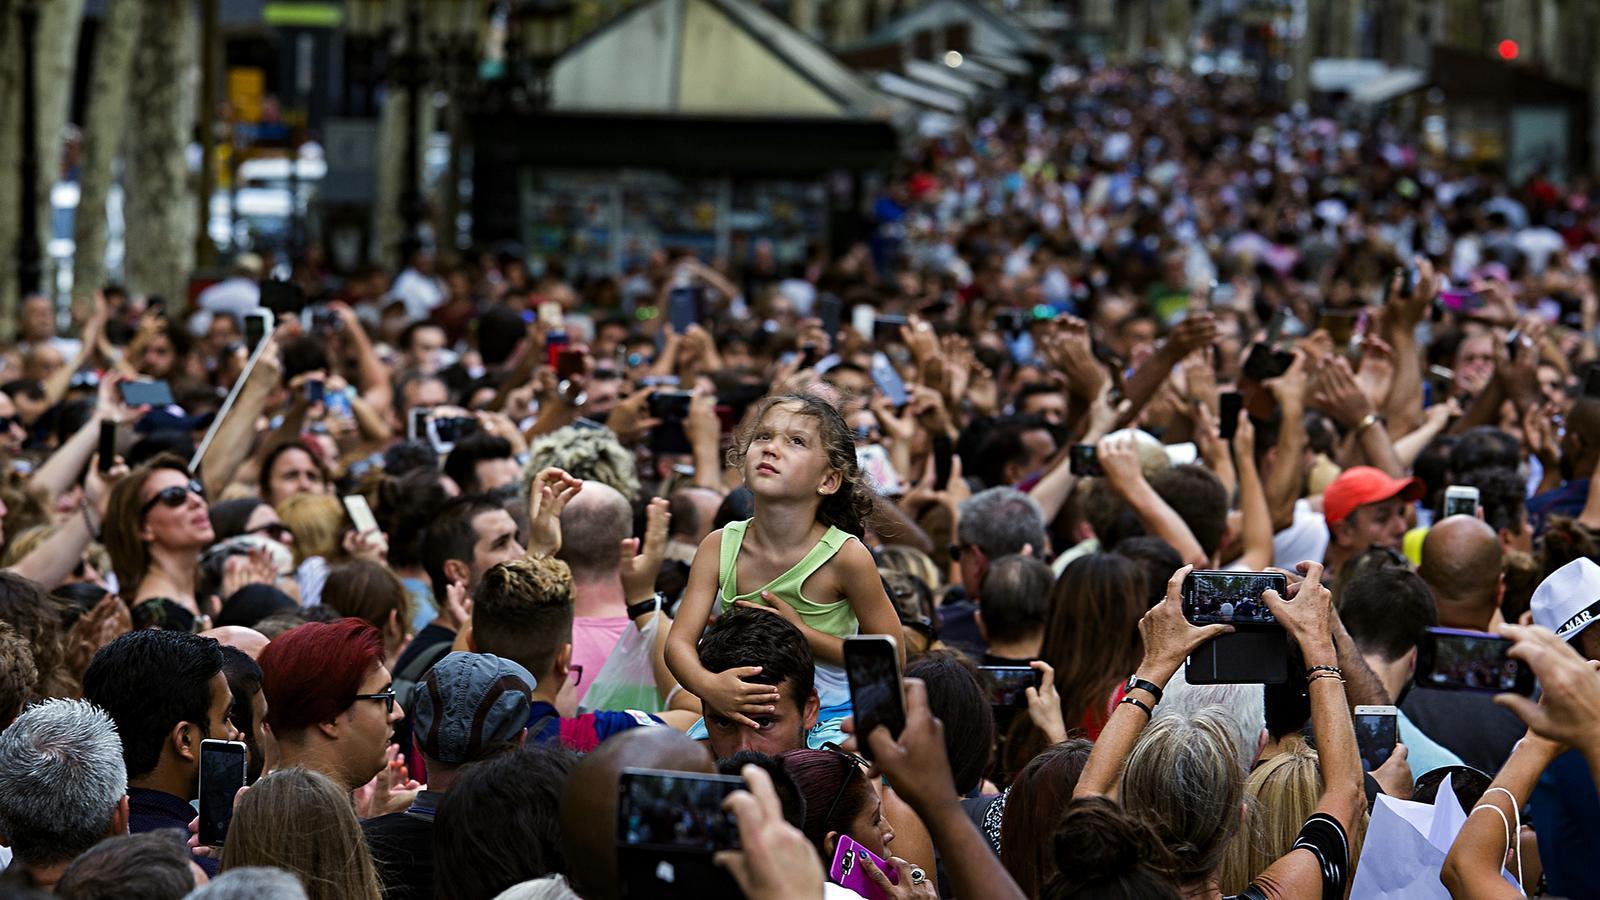 La Rambla plena de gent el dia 19 d'agost, dos dies després de l'atemptat a Barcelona.